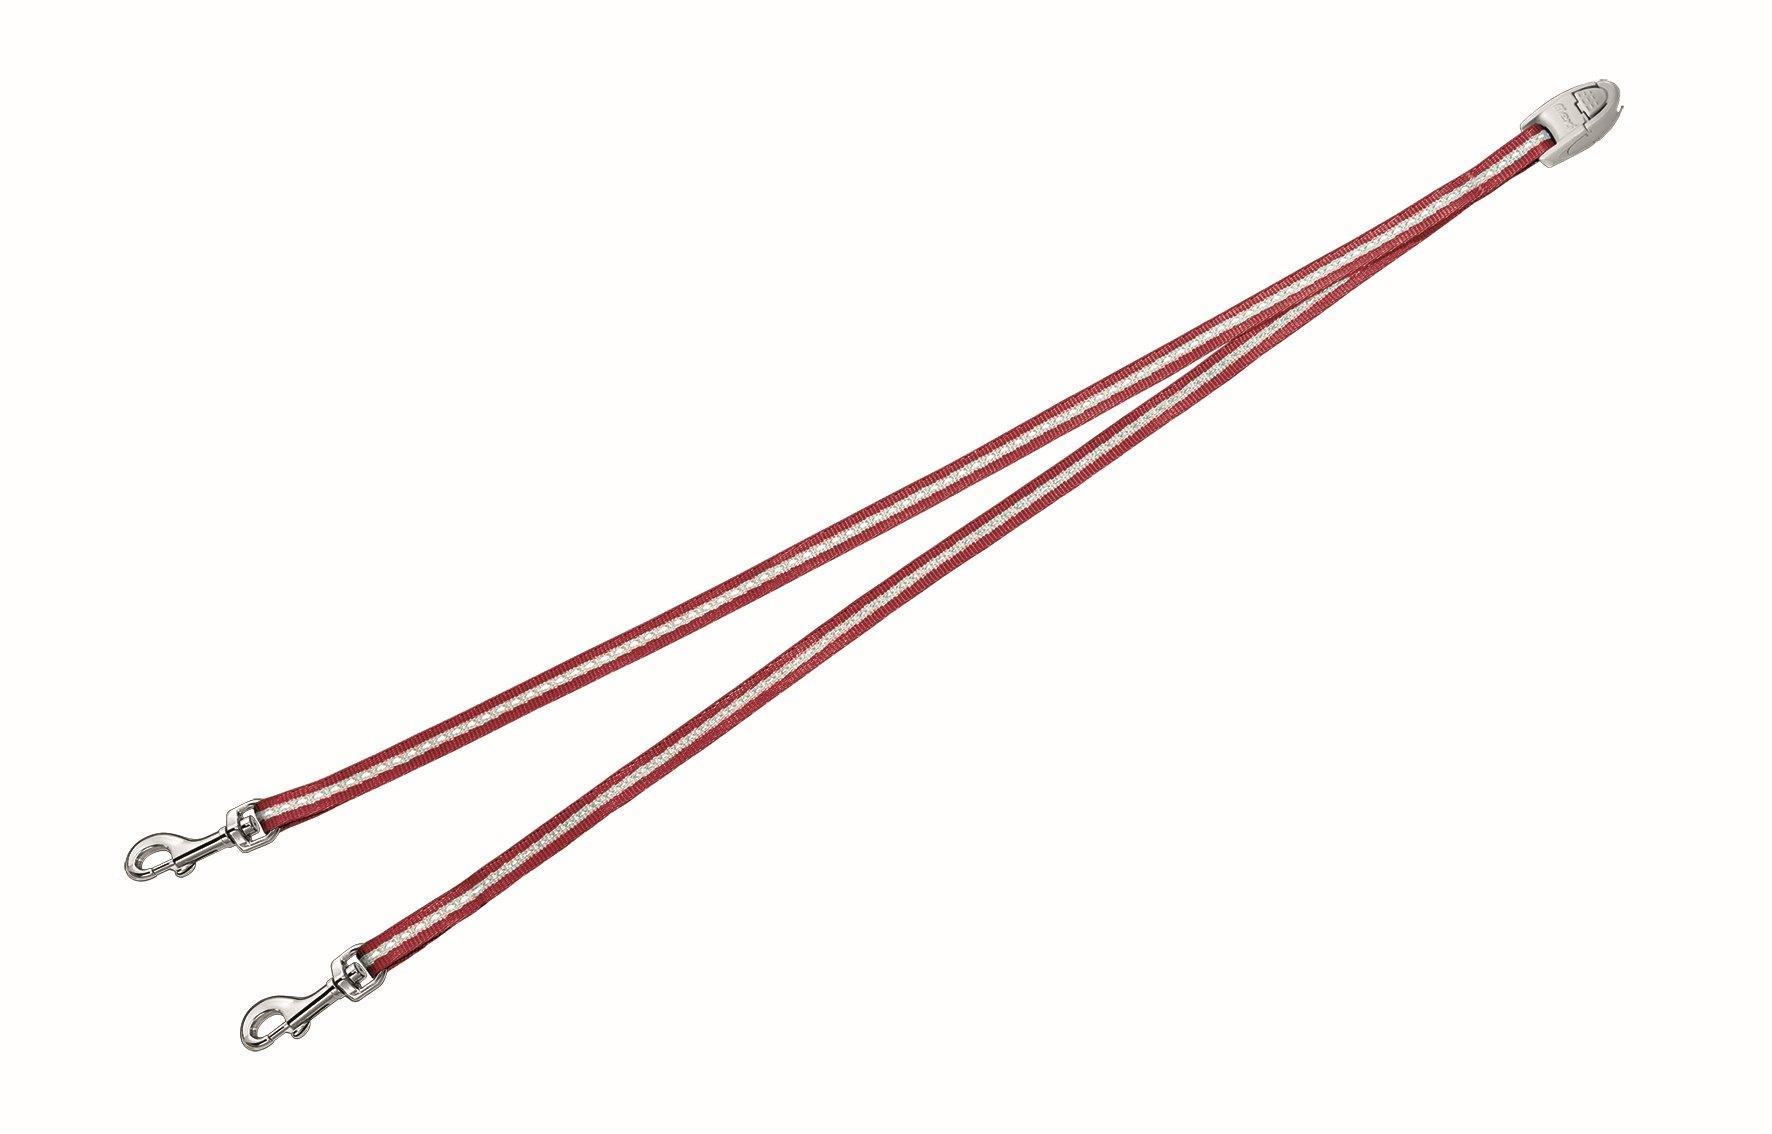 """Фото Сворка Flexi """"Vario Duo Belt S"""" для собак до 5 кг, цвет: красный, 42 см. Купить  в РФ"""